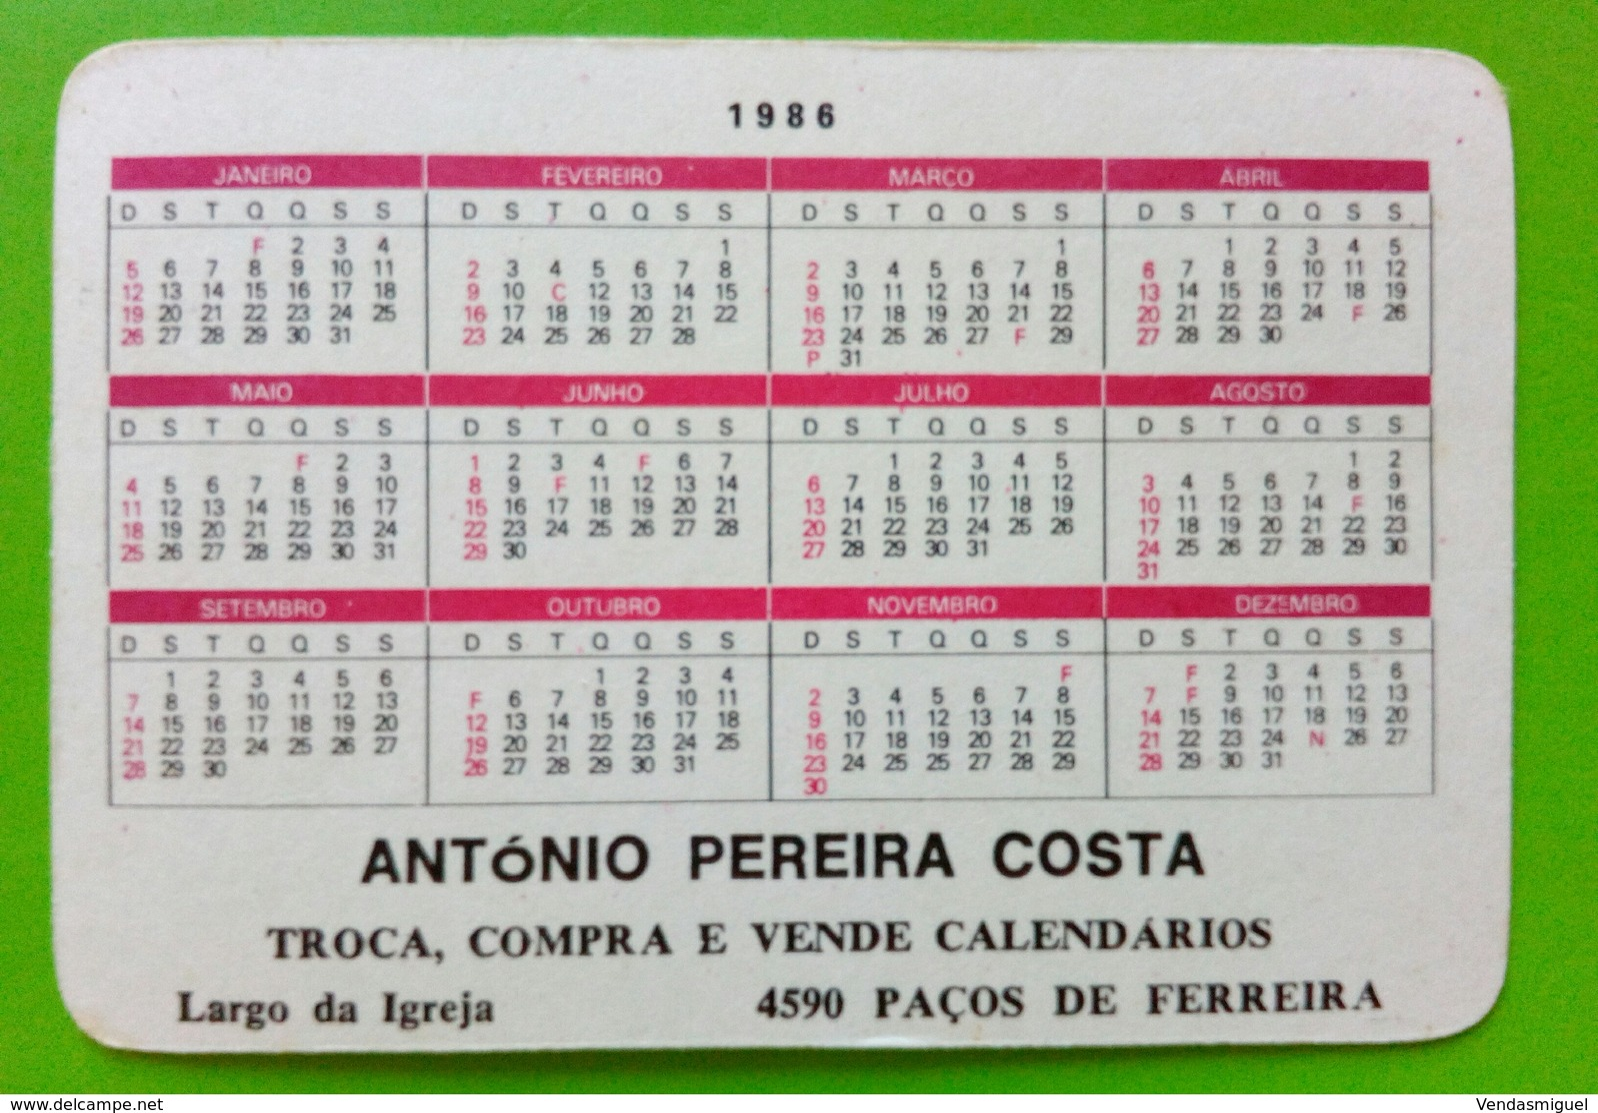 Pocket Calendar Sylvester Stallone. RAMBO - Calendarios